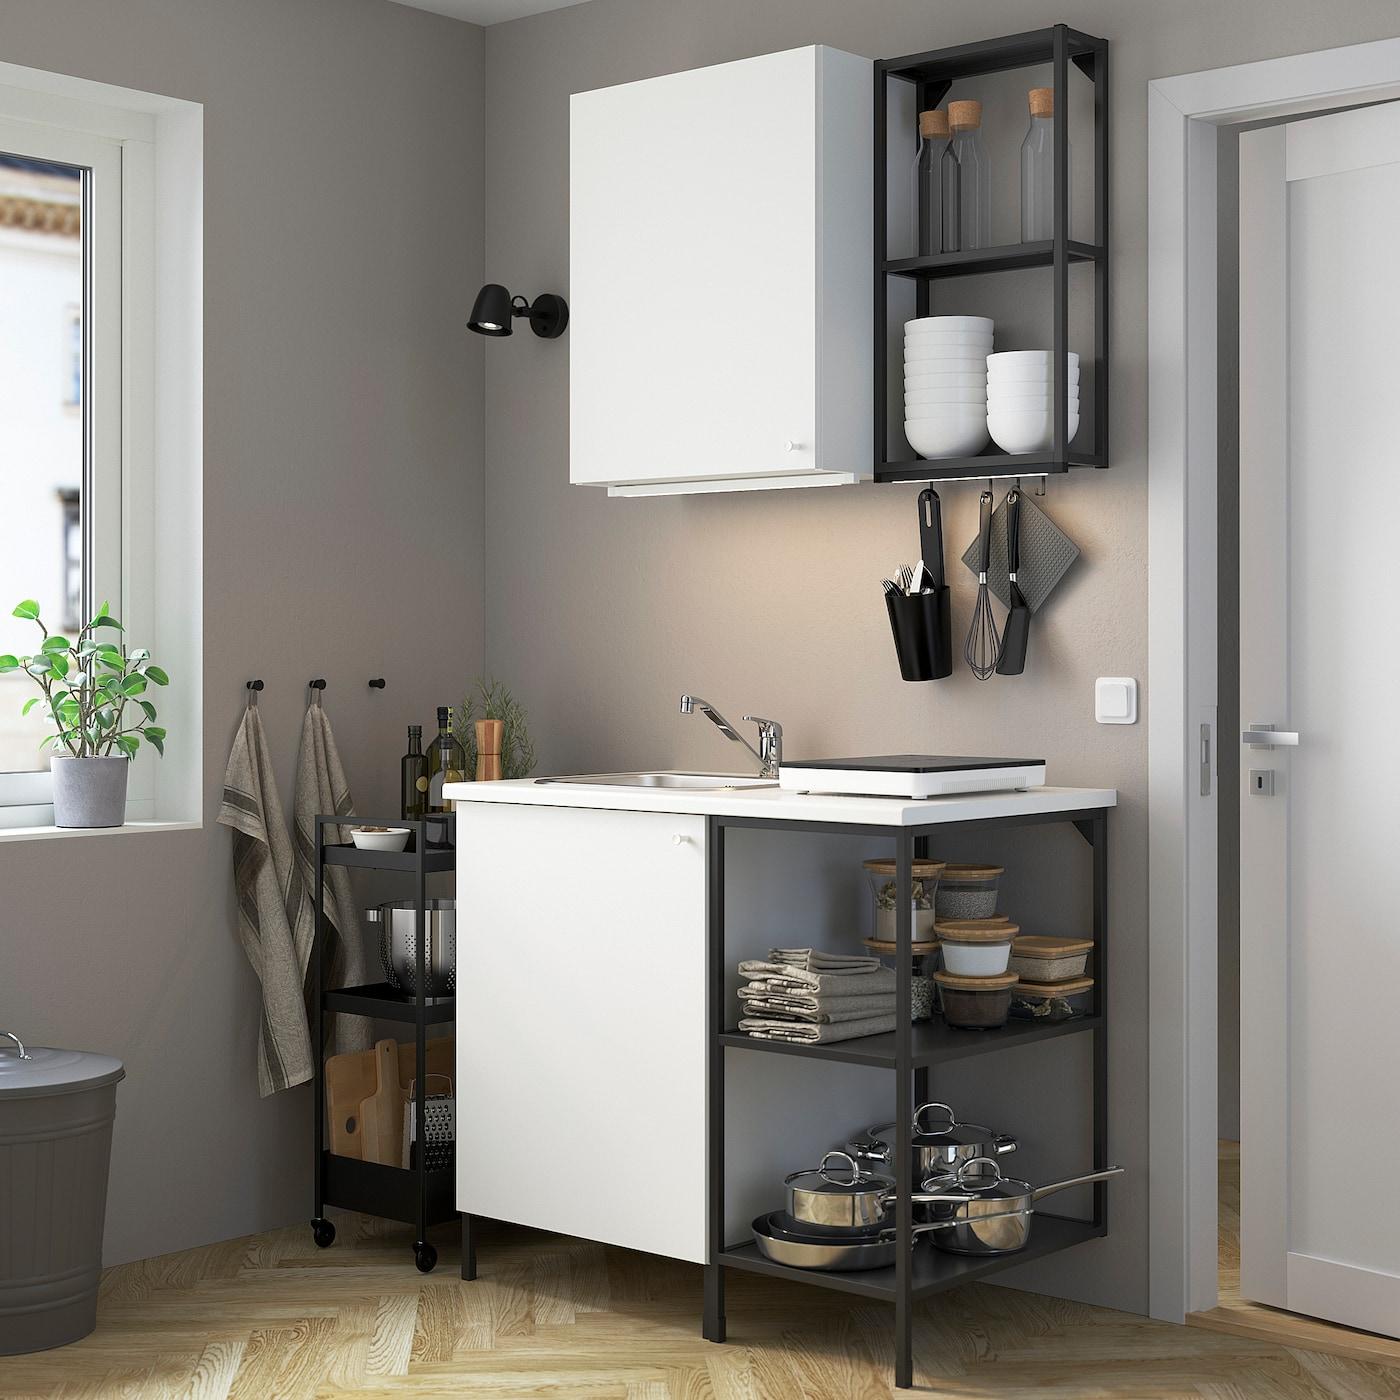 enhet küche - anthrazit/weiß - ikea deutschland